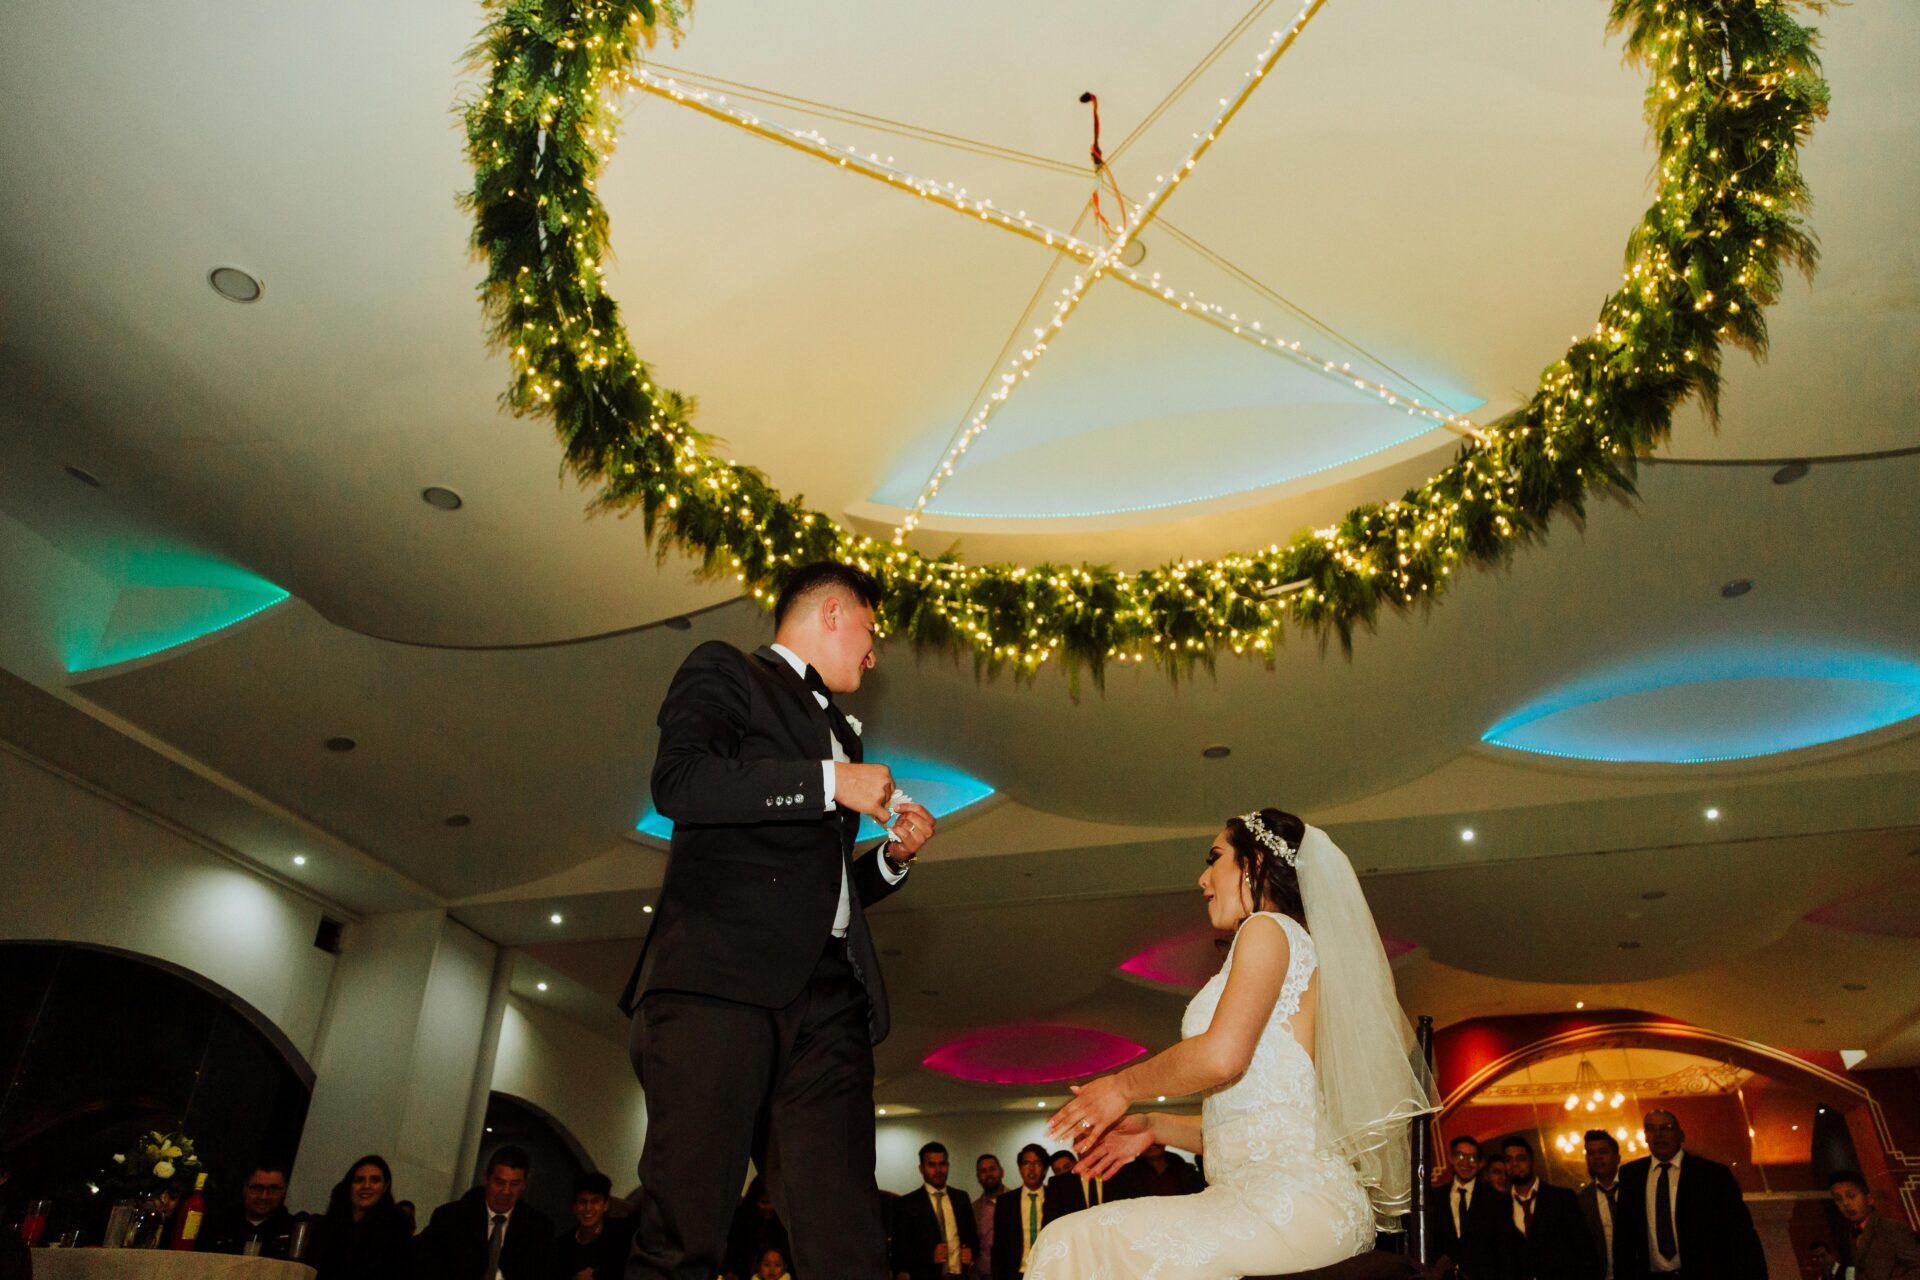 javier_noriega_fotografo_Boda_san_ramon_zacatecas_wedding_photographer29